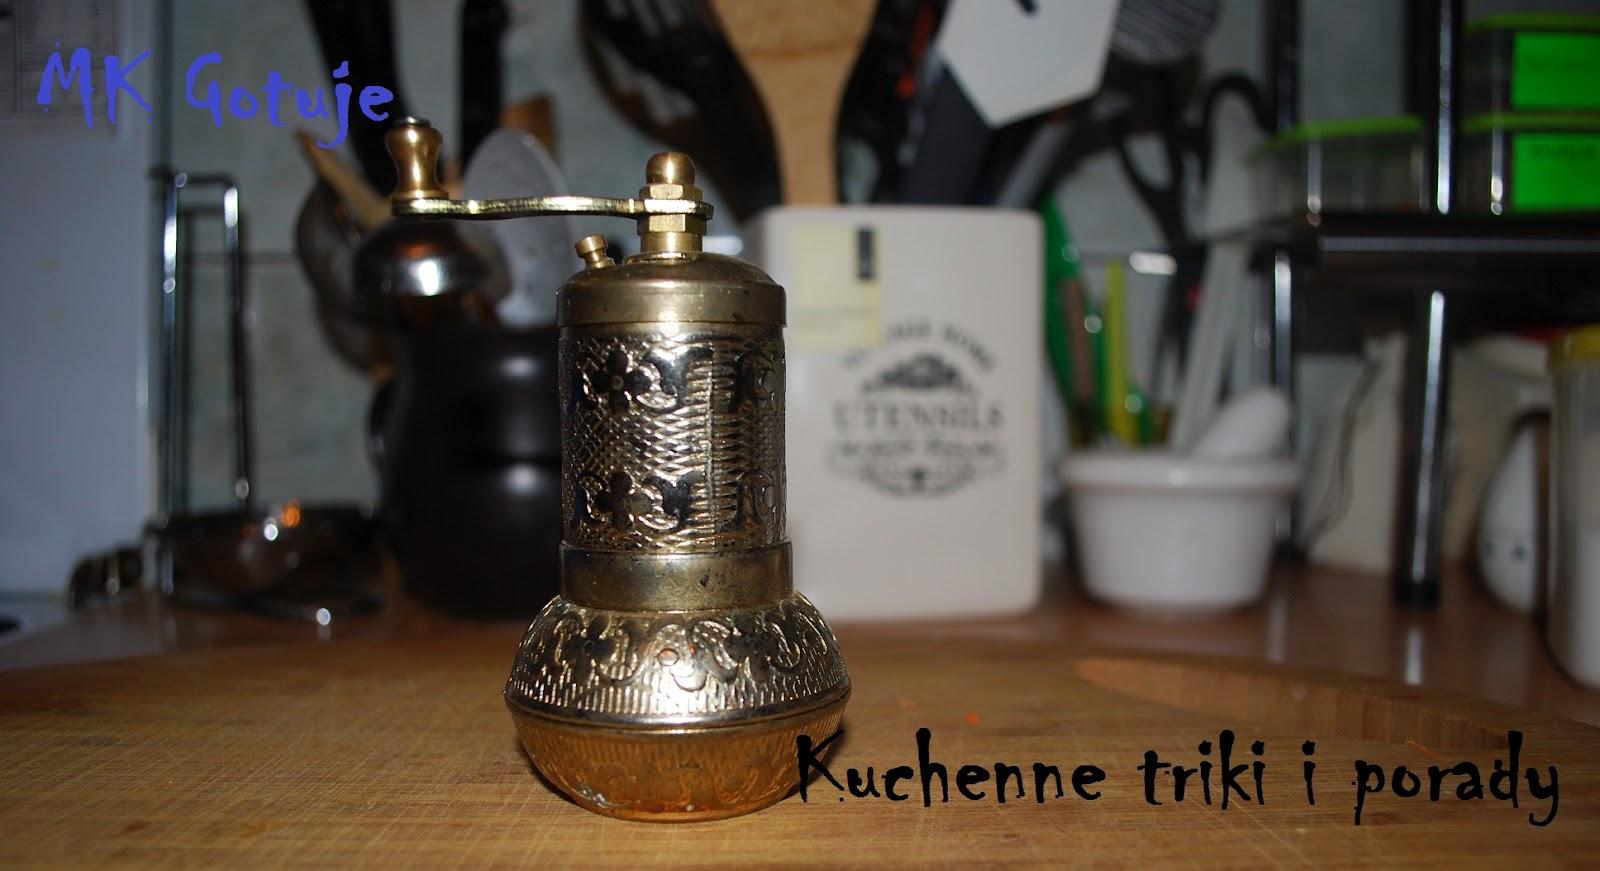 kuchenne-triki-i-porady